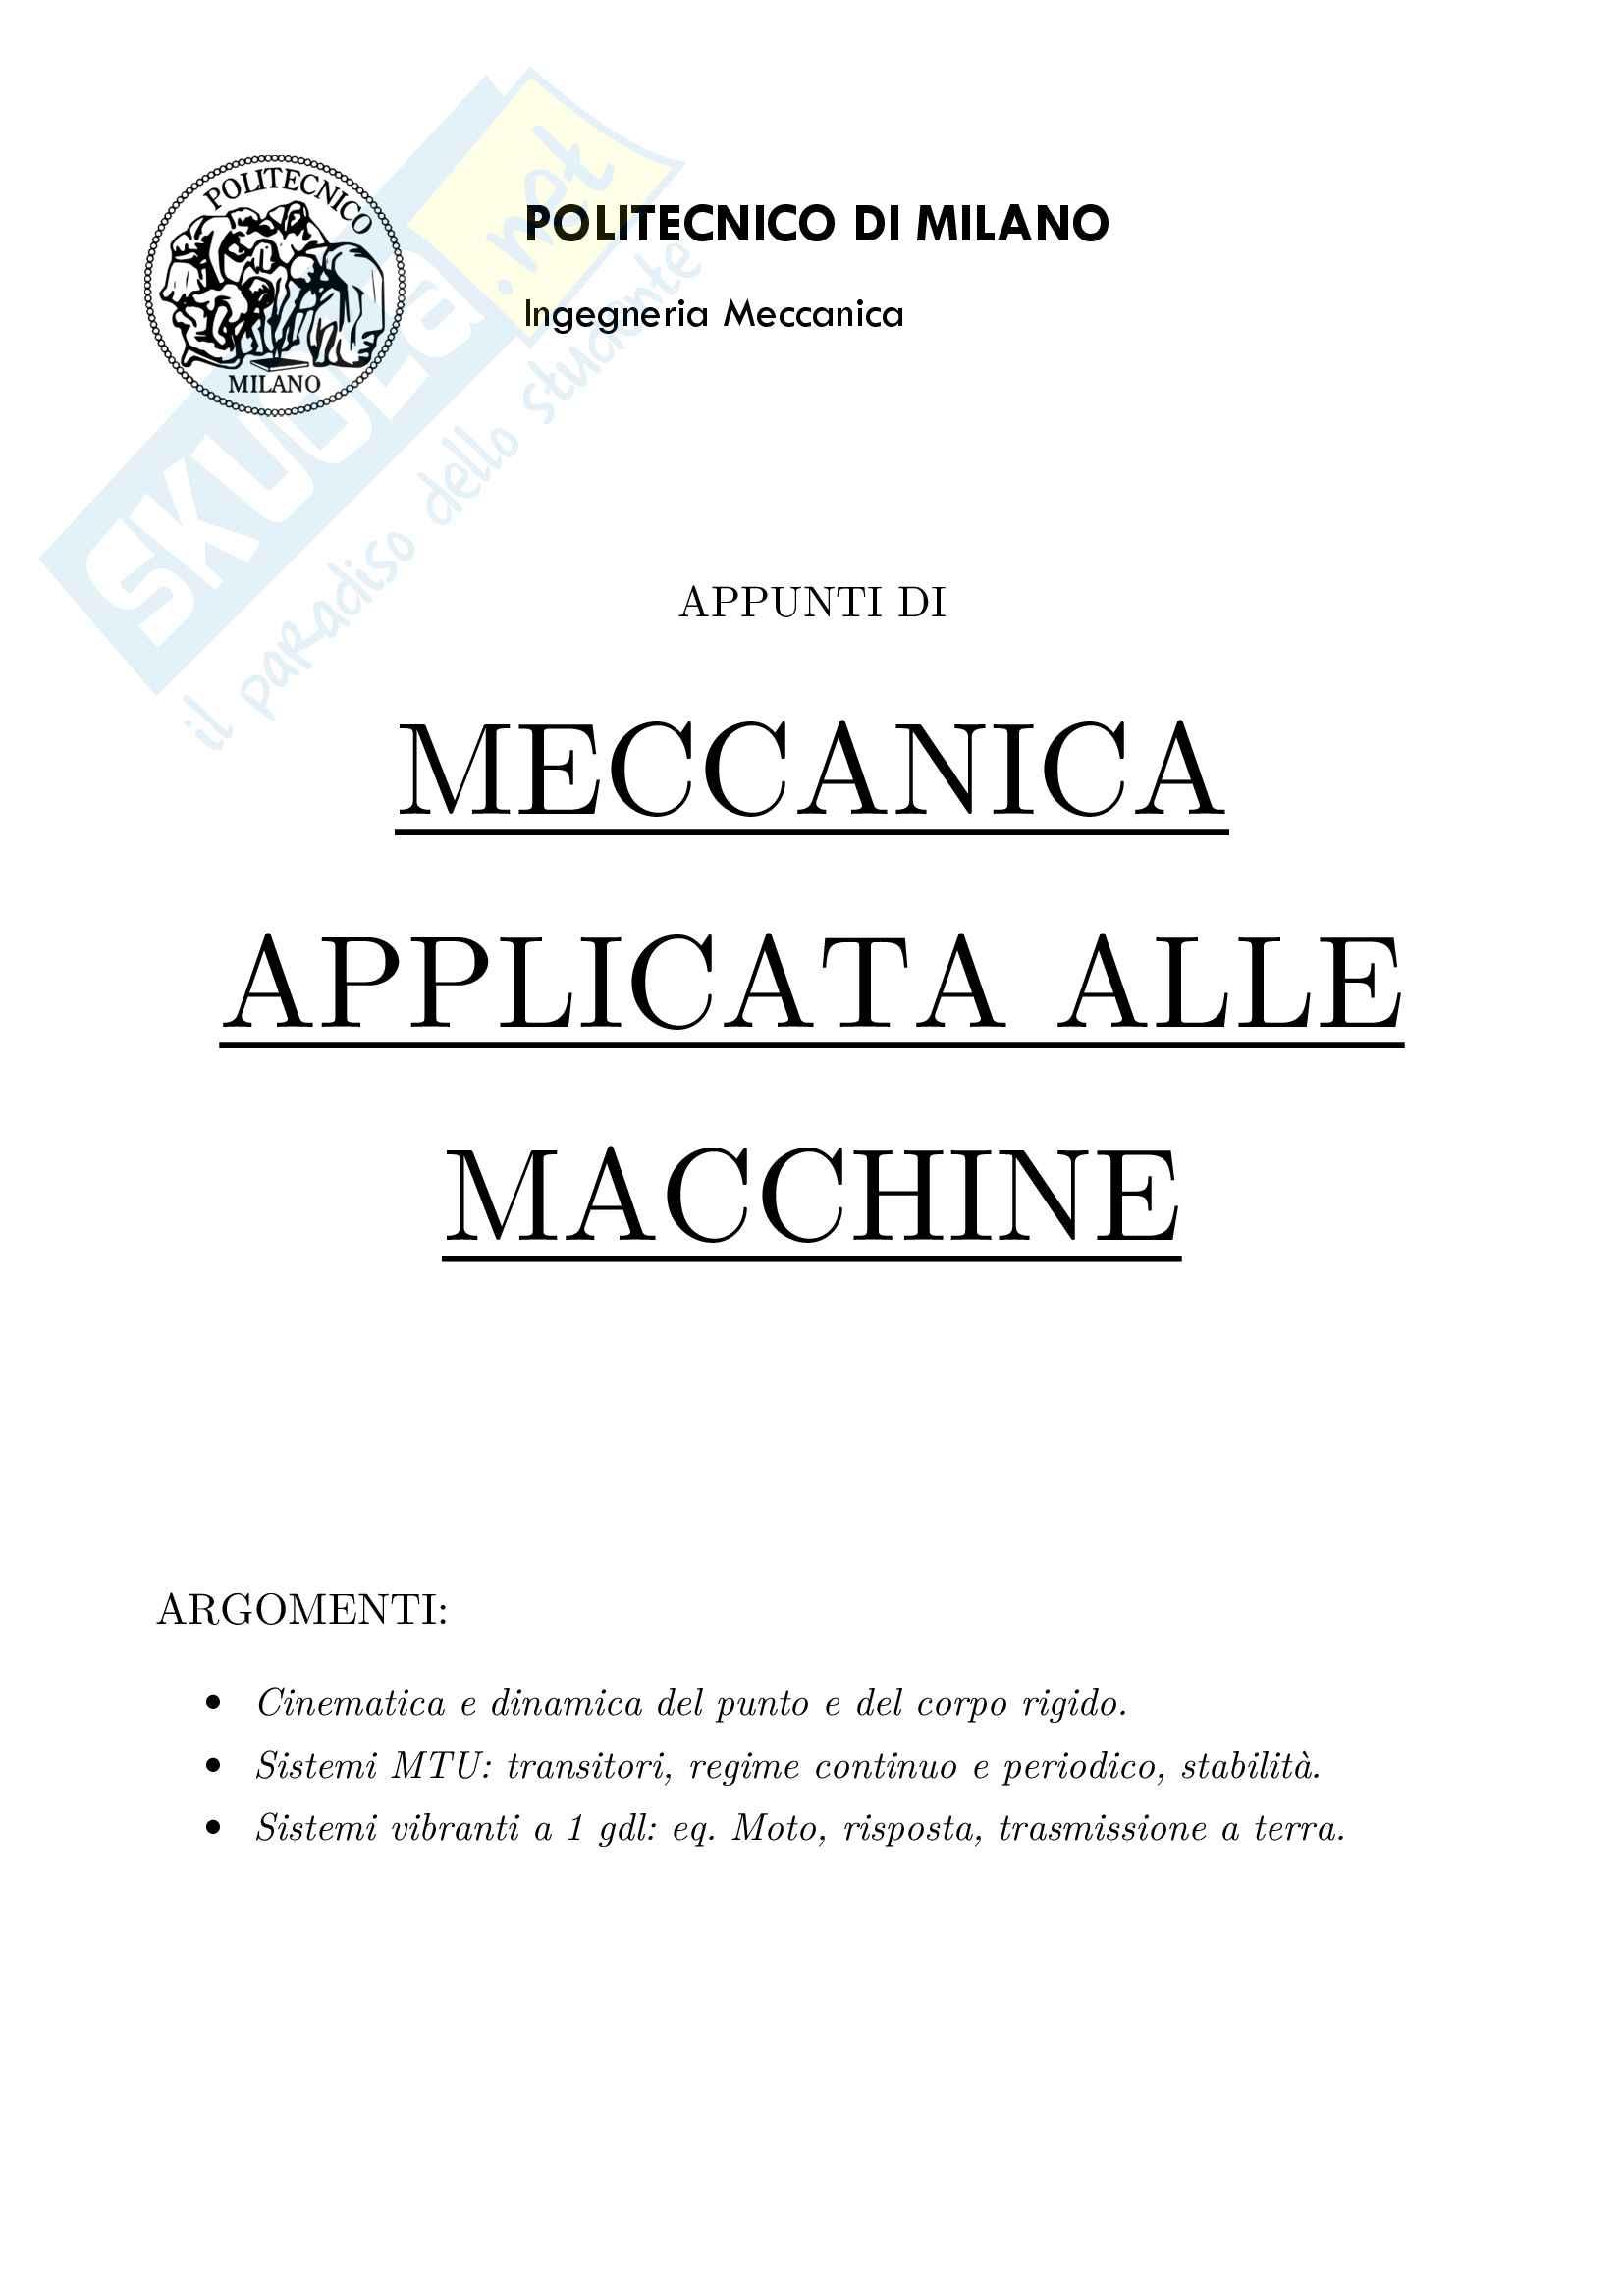 Appunti di Meccanica applicata alle macchine